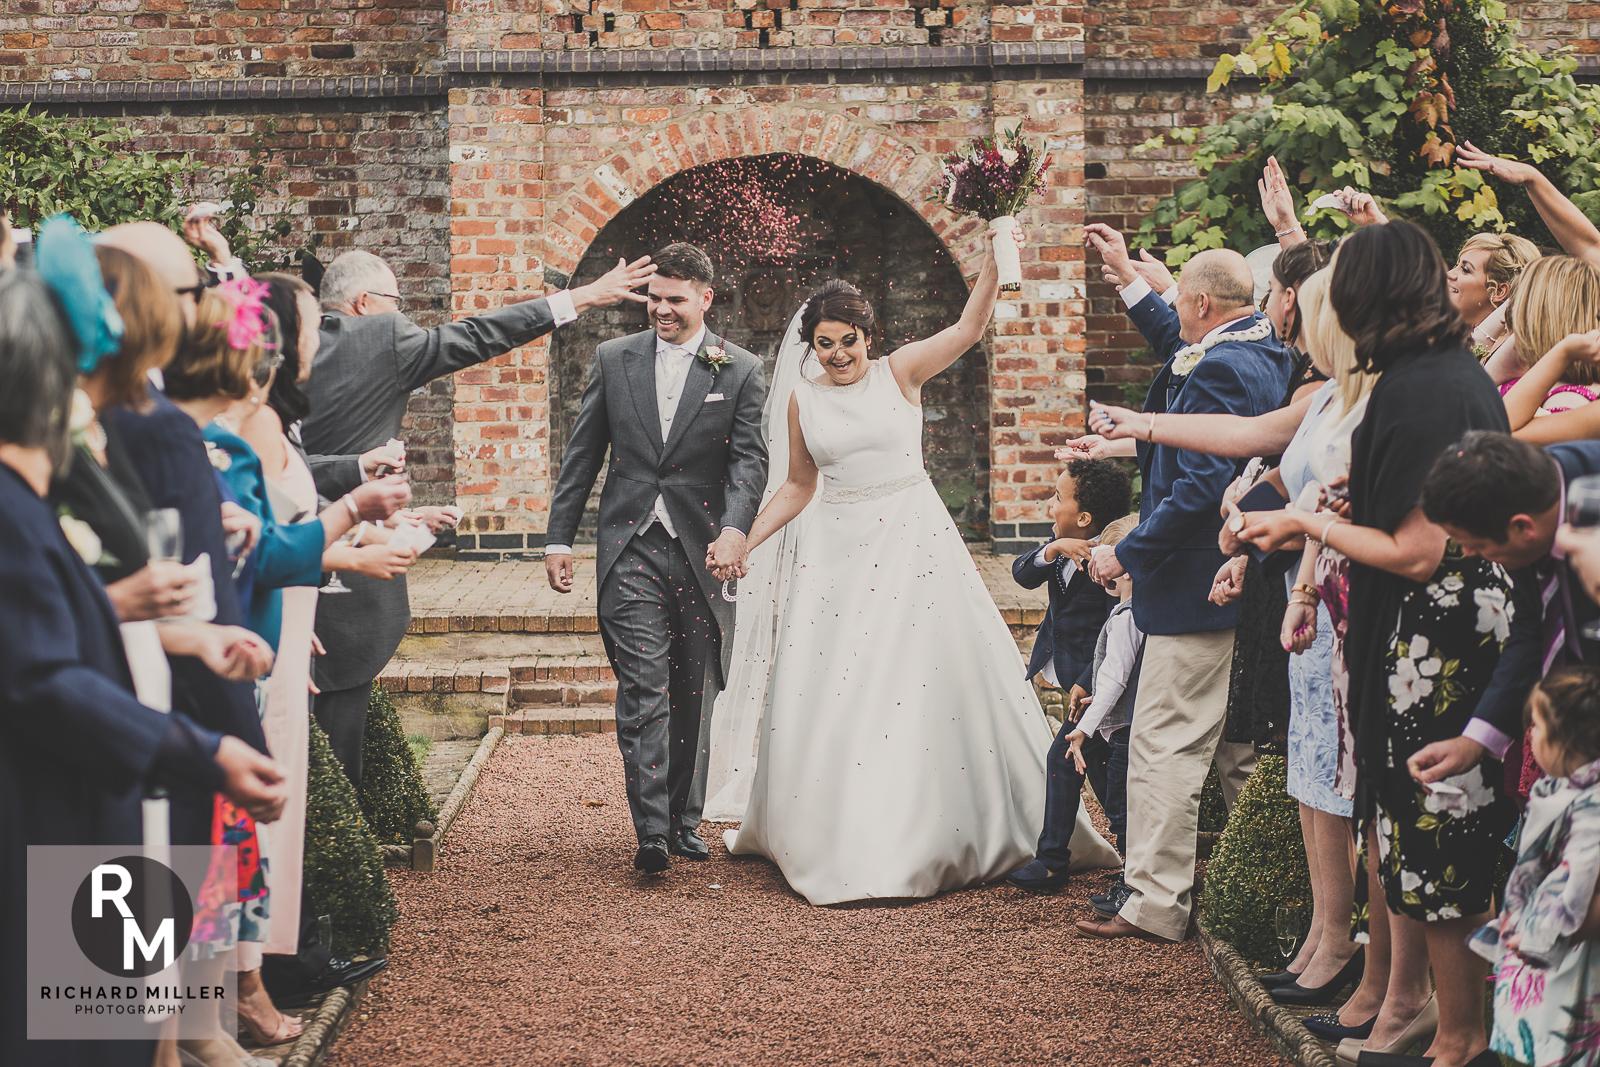 A E 16 - Carden Park Wedding Photographer - Adam & Emma